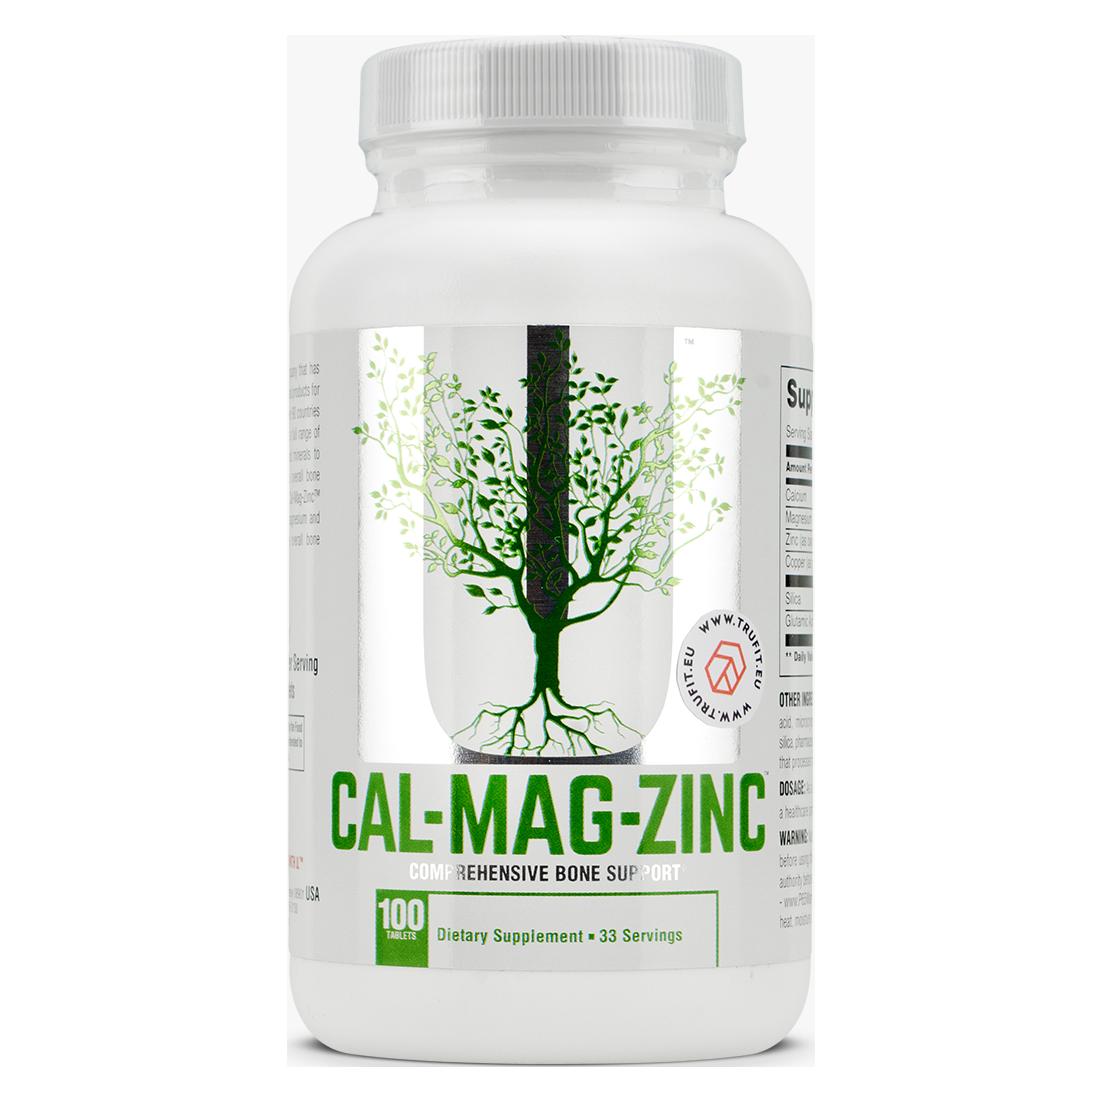 Витаминный комплекс Cal-Mag-Zinc